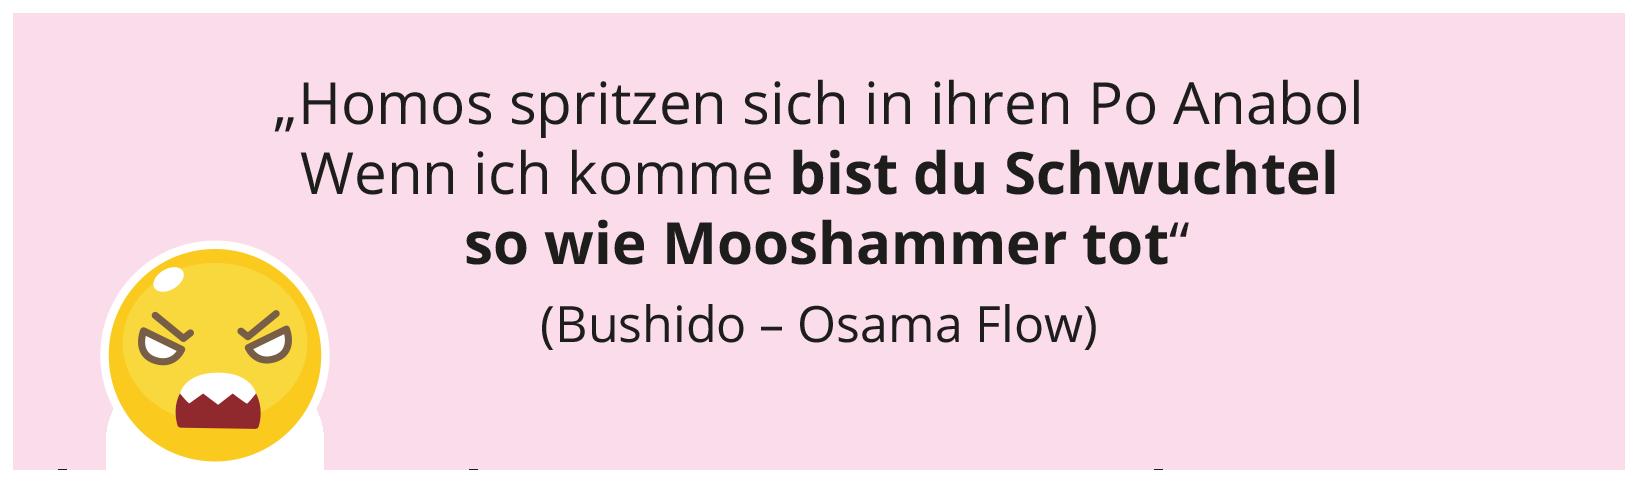 """""""Homos spritzen sich in ihren Po Anabol Wenn ich komme bist du Schwuchtel so wie Mooshammer tot"""" (Bushido – Osama Flow)"""